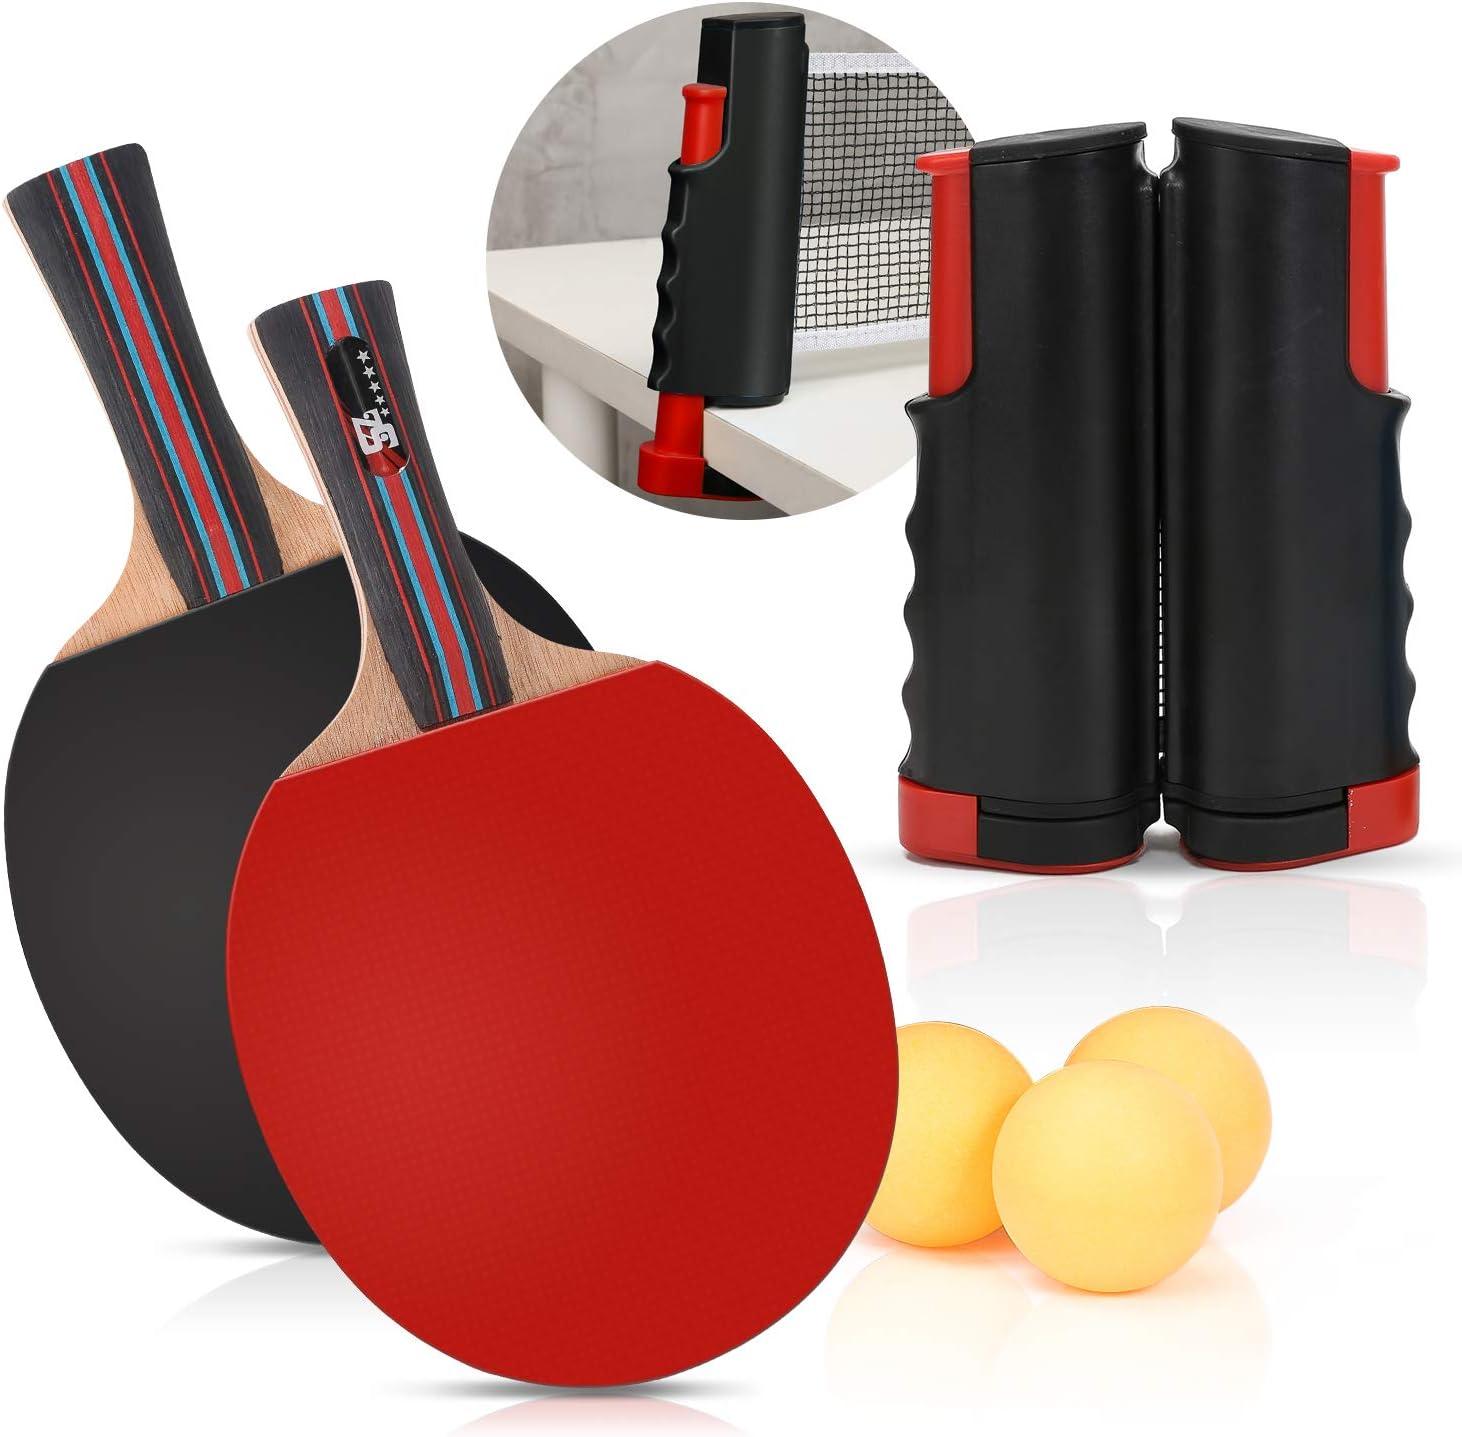 Dlicsy - Juego de 7 palas de ping pong portátil, incluye una red retráctil, 2 raquetas, 3 pelotas y funda para niños y adultos juegos de interior y exterior